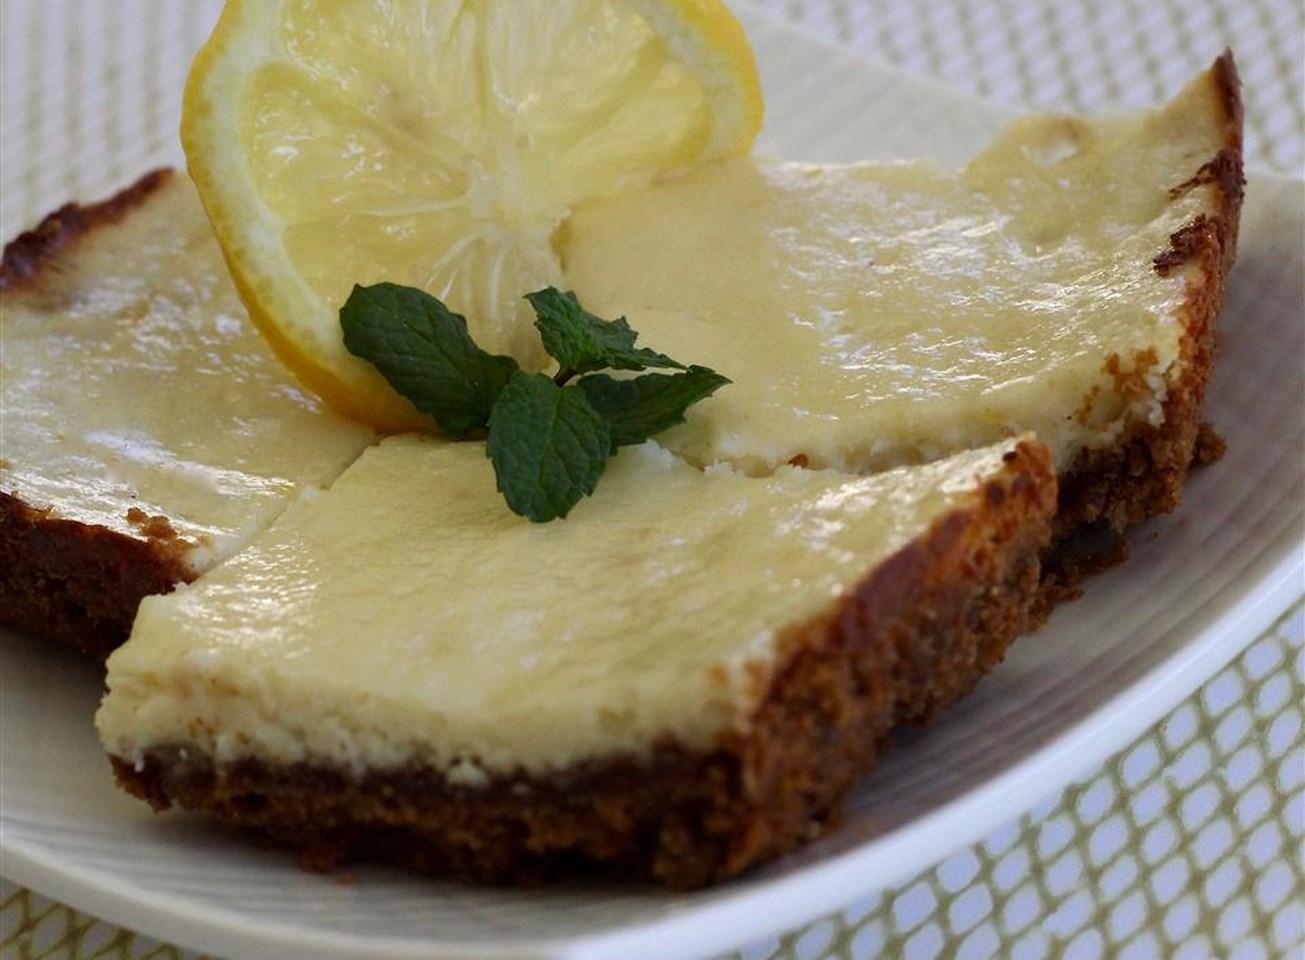 Ginger-Lemon Cheesecake Bites